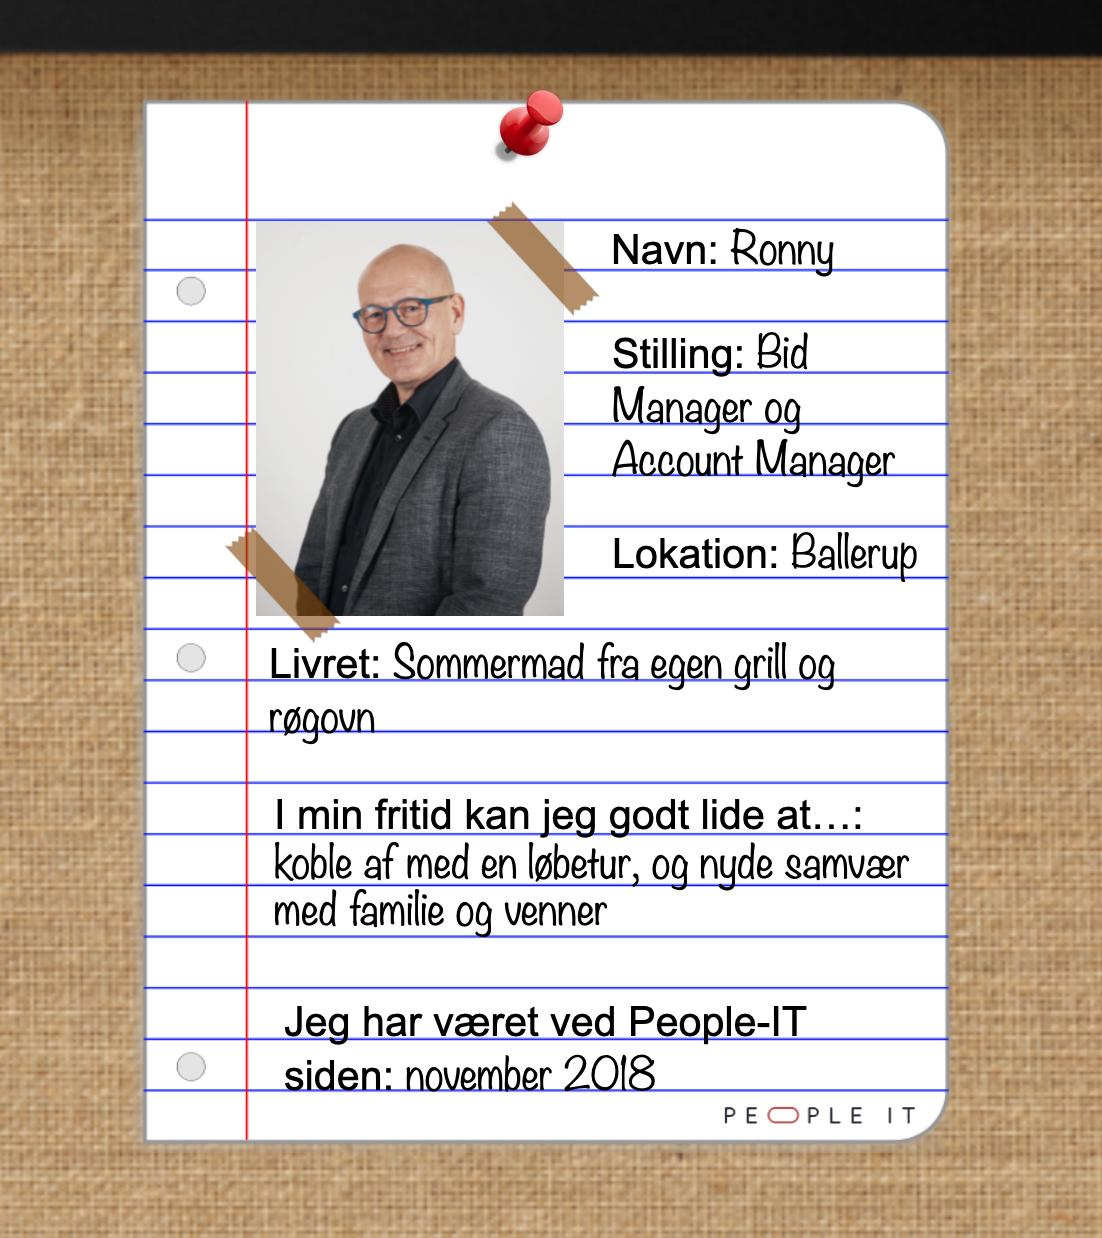 Ronny. People-IT. Freelance IT-konsulent